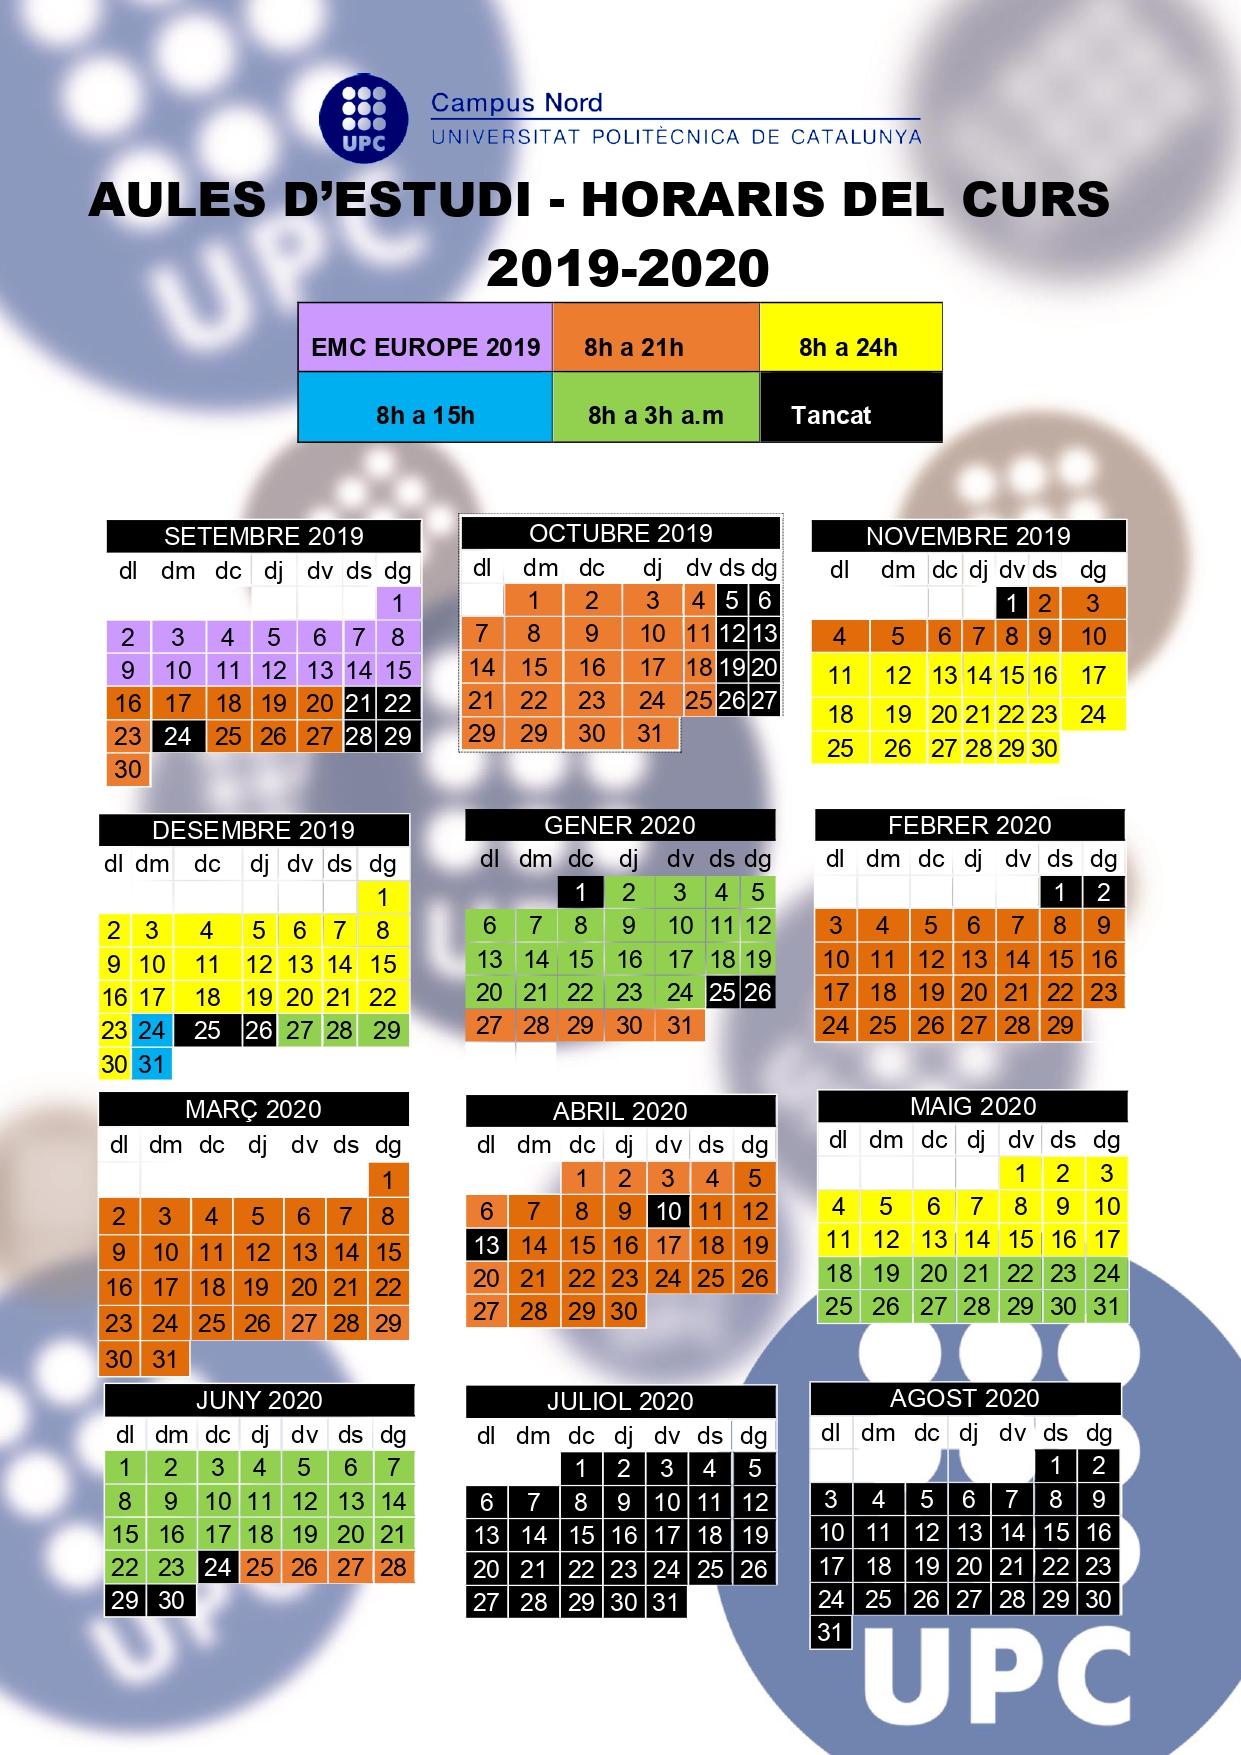 Calendari Aules 19-20.jpg